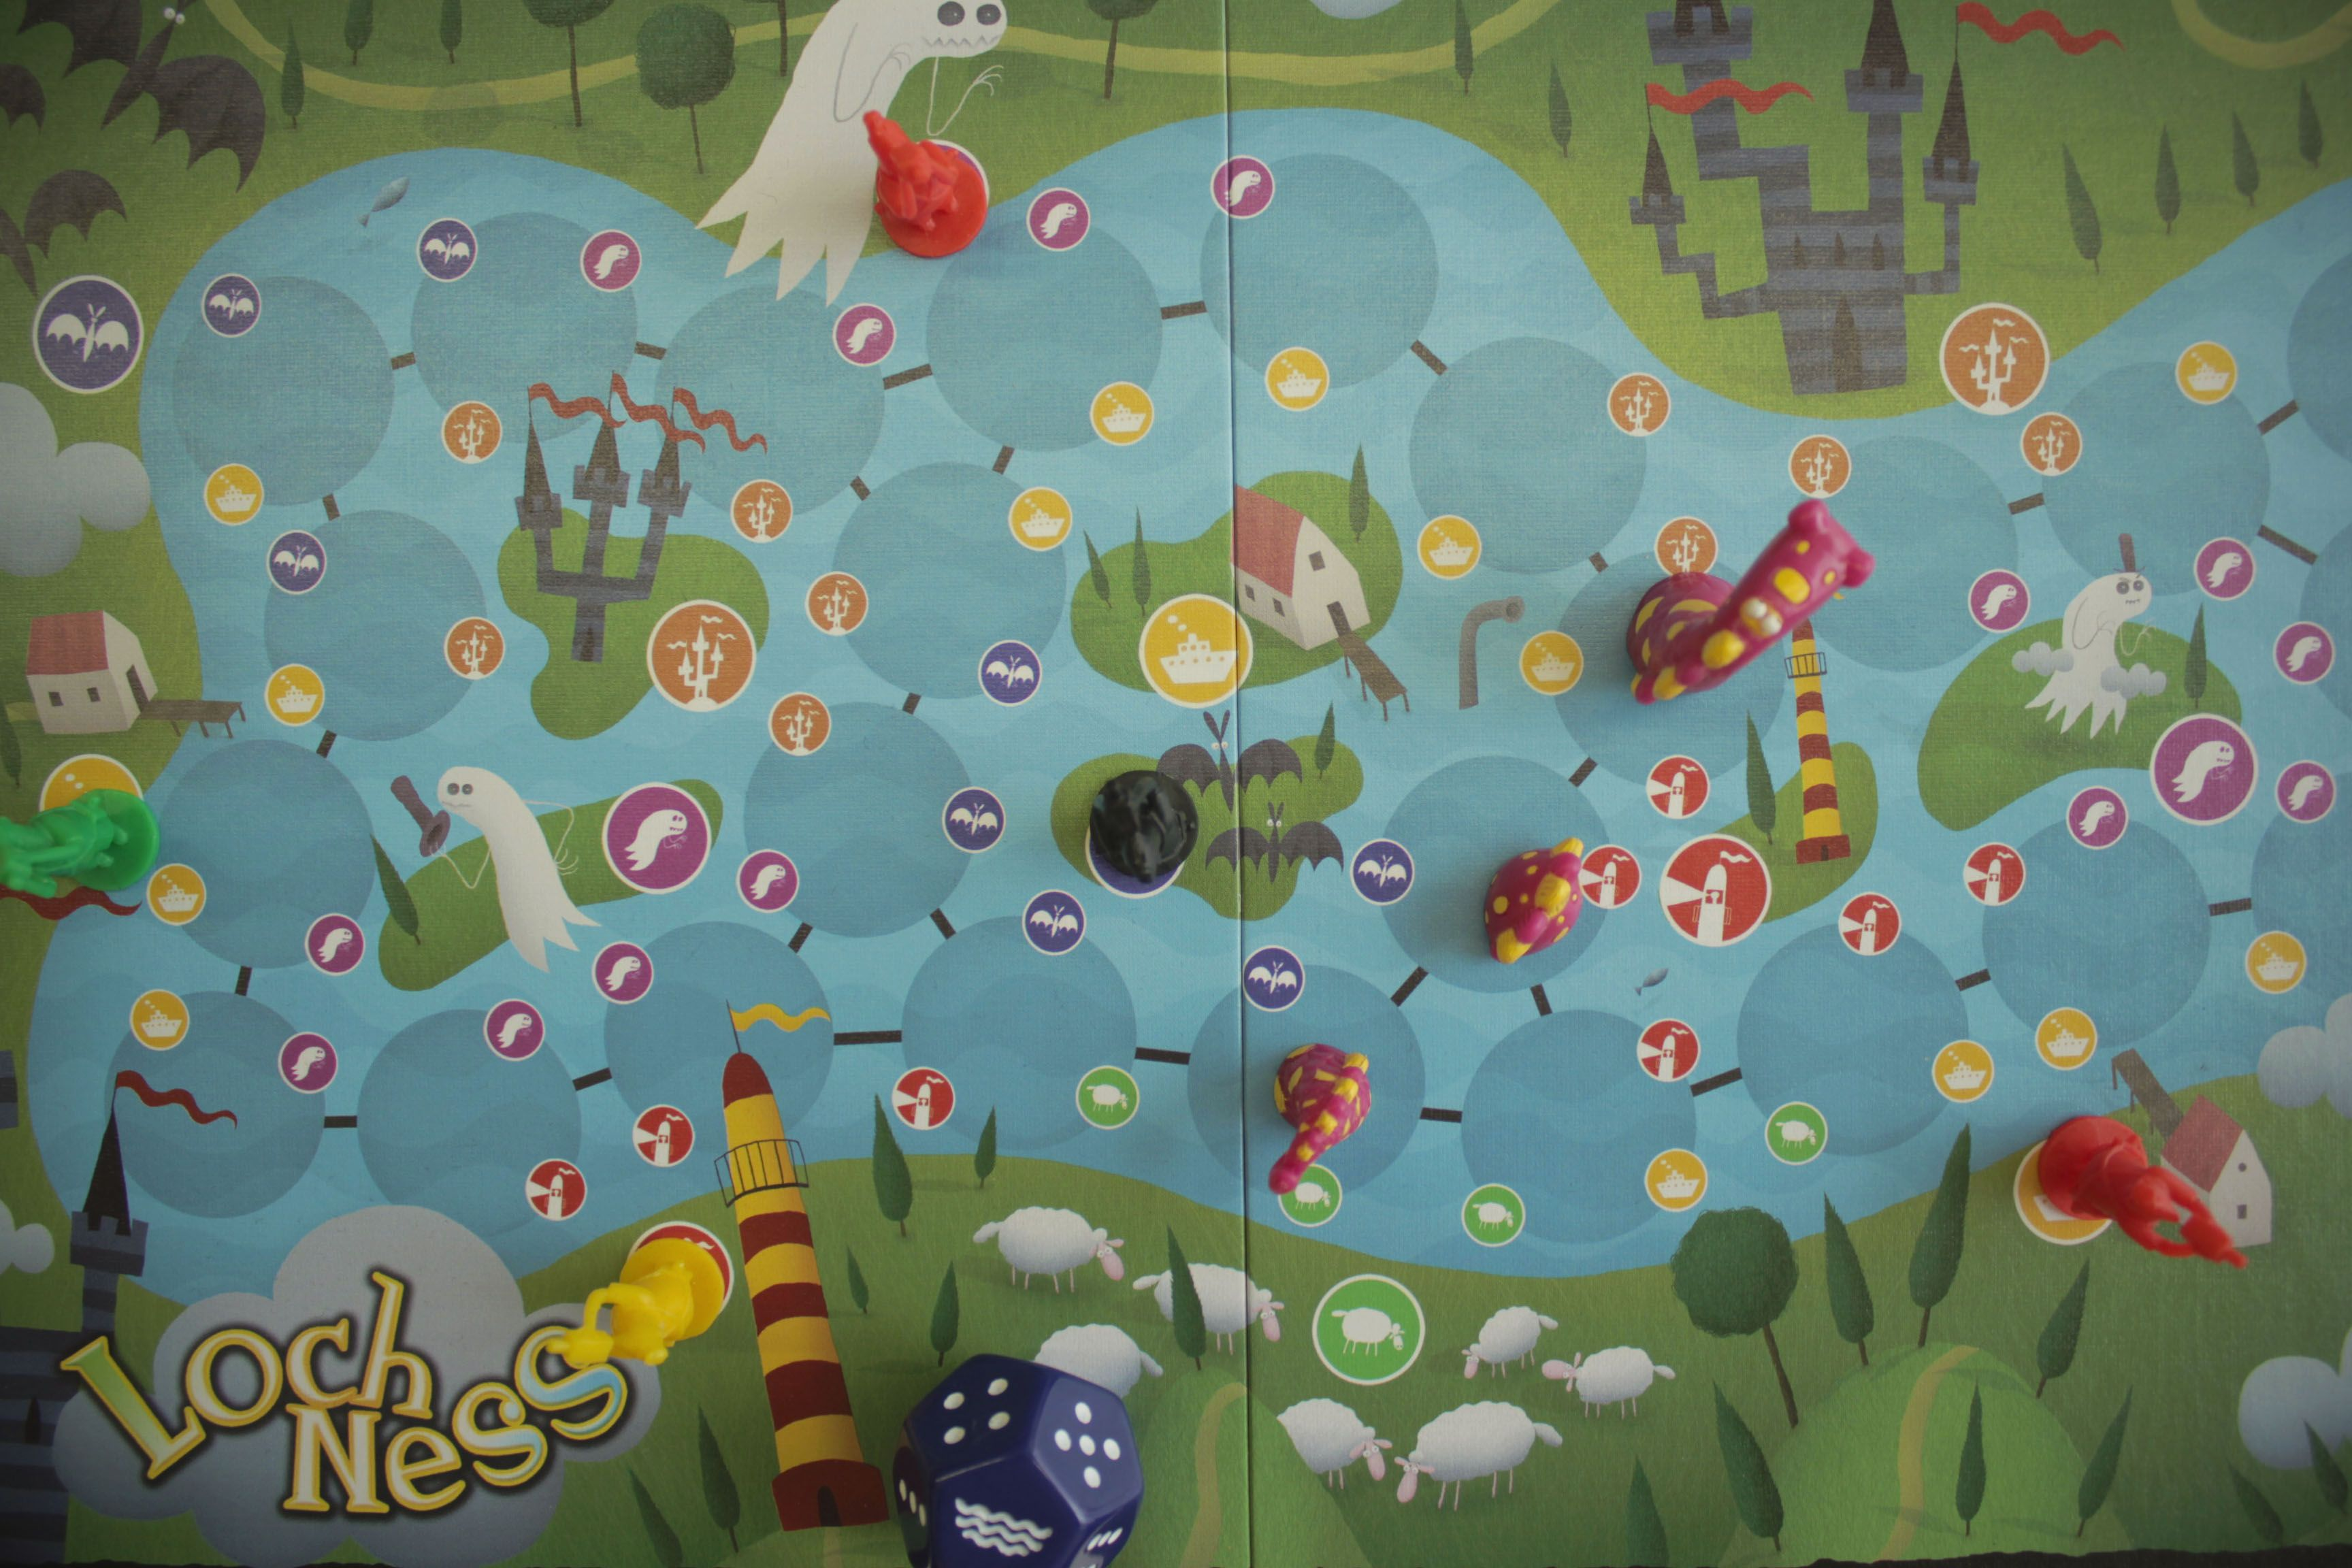 Boardgame Loch Ness Jogo De Tabuleiro Loch Ness More Www Facebook Com Torredejogos Jogos De Tabuleiro Tabuleiro Jogos